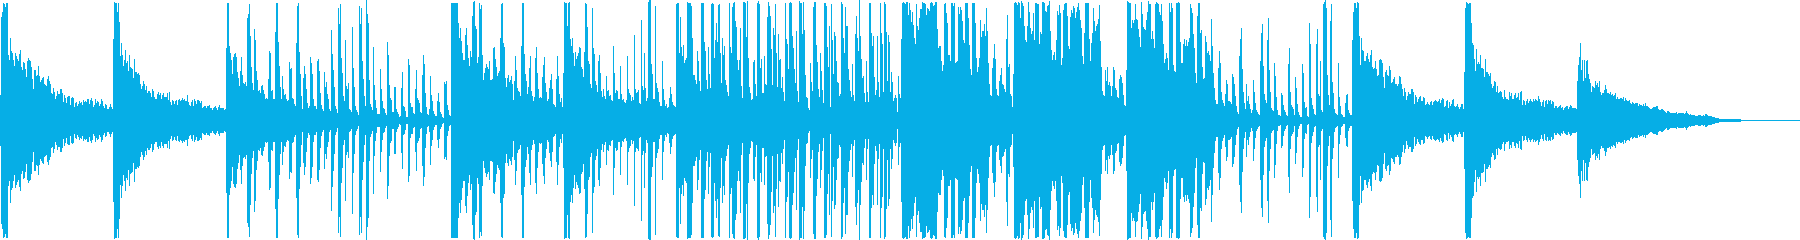 夜・暗闇のイメージ / 鍵盤・打楽器の再生済みの波形